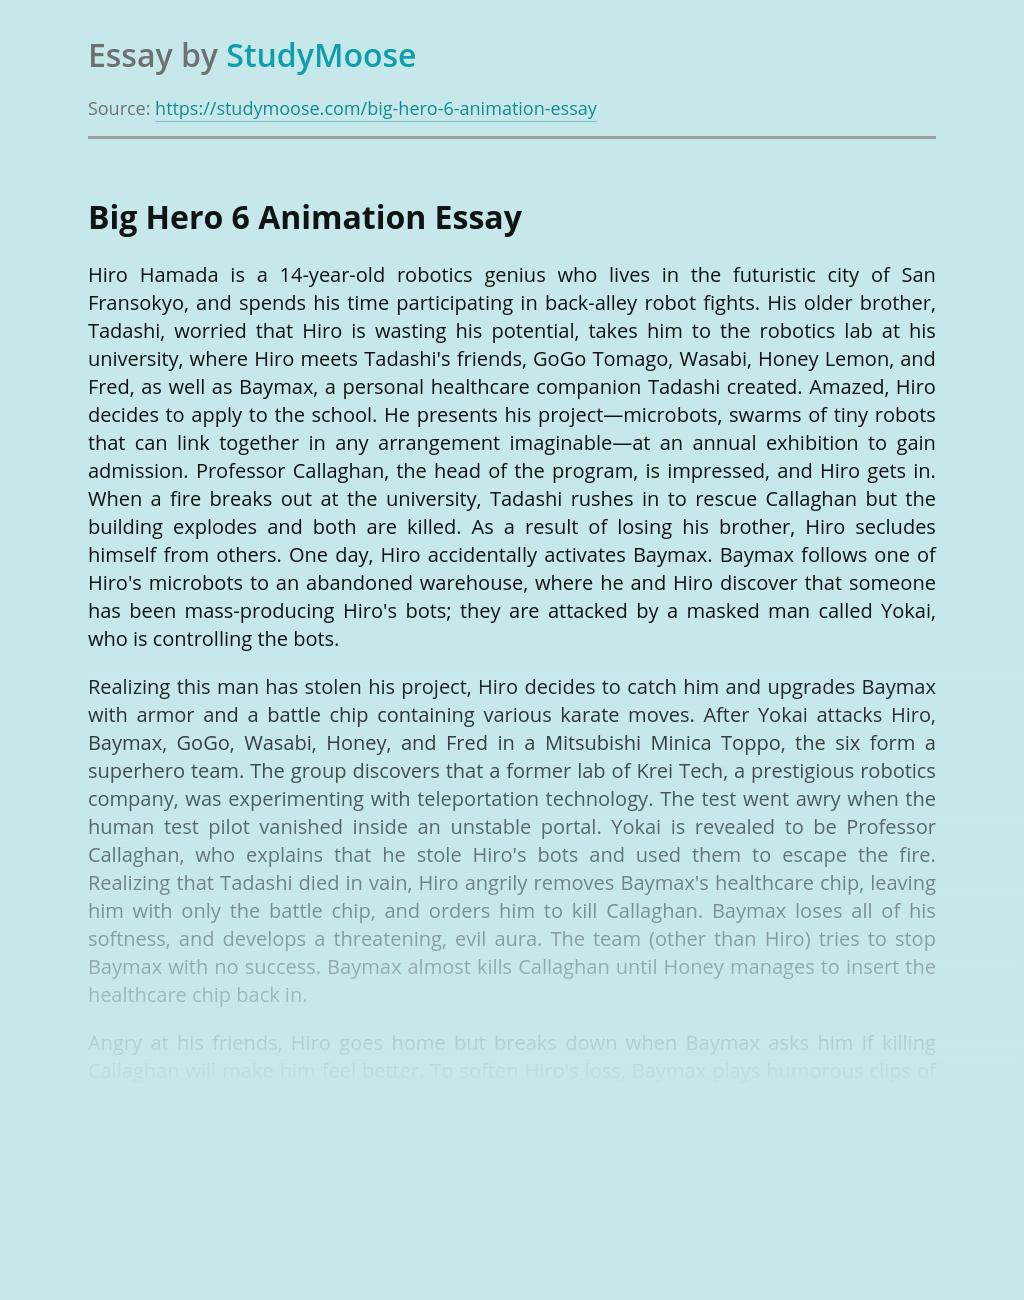 Big Hero 6 Animation